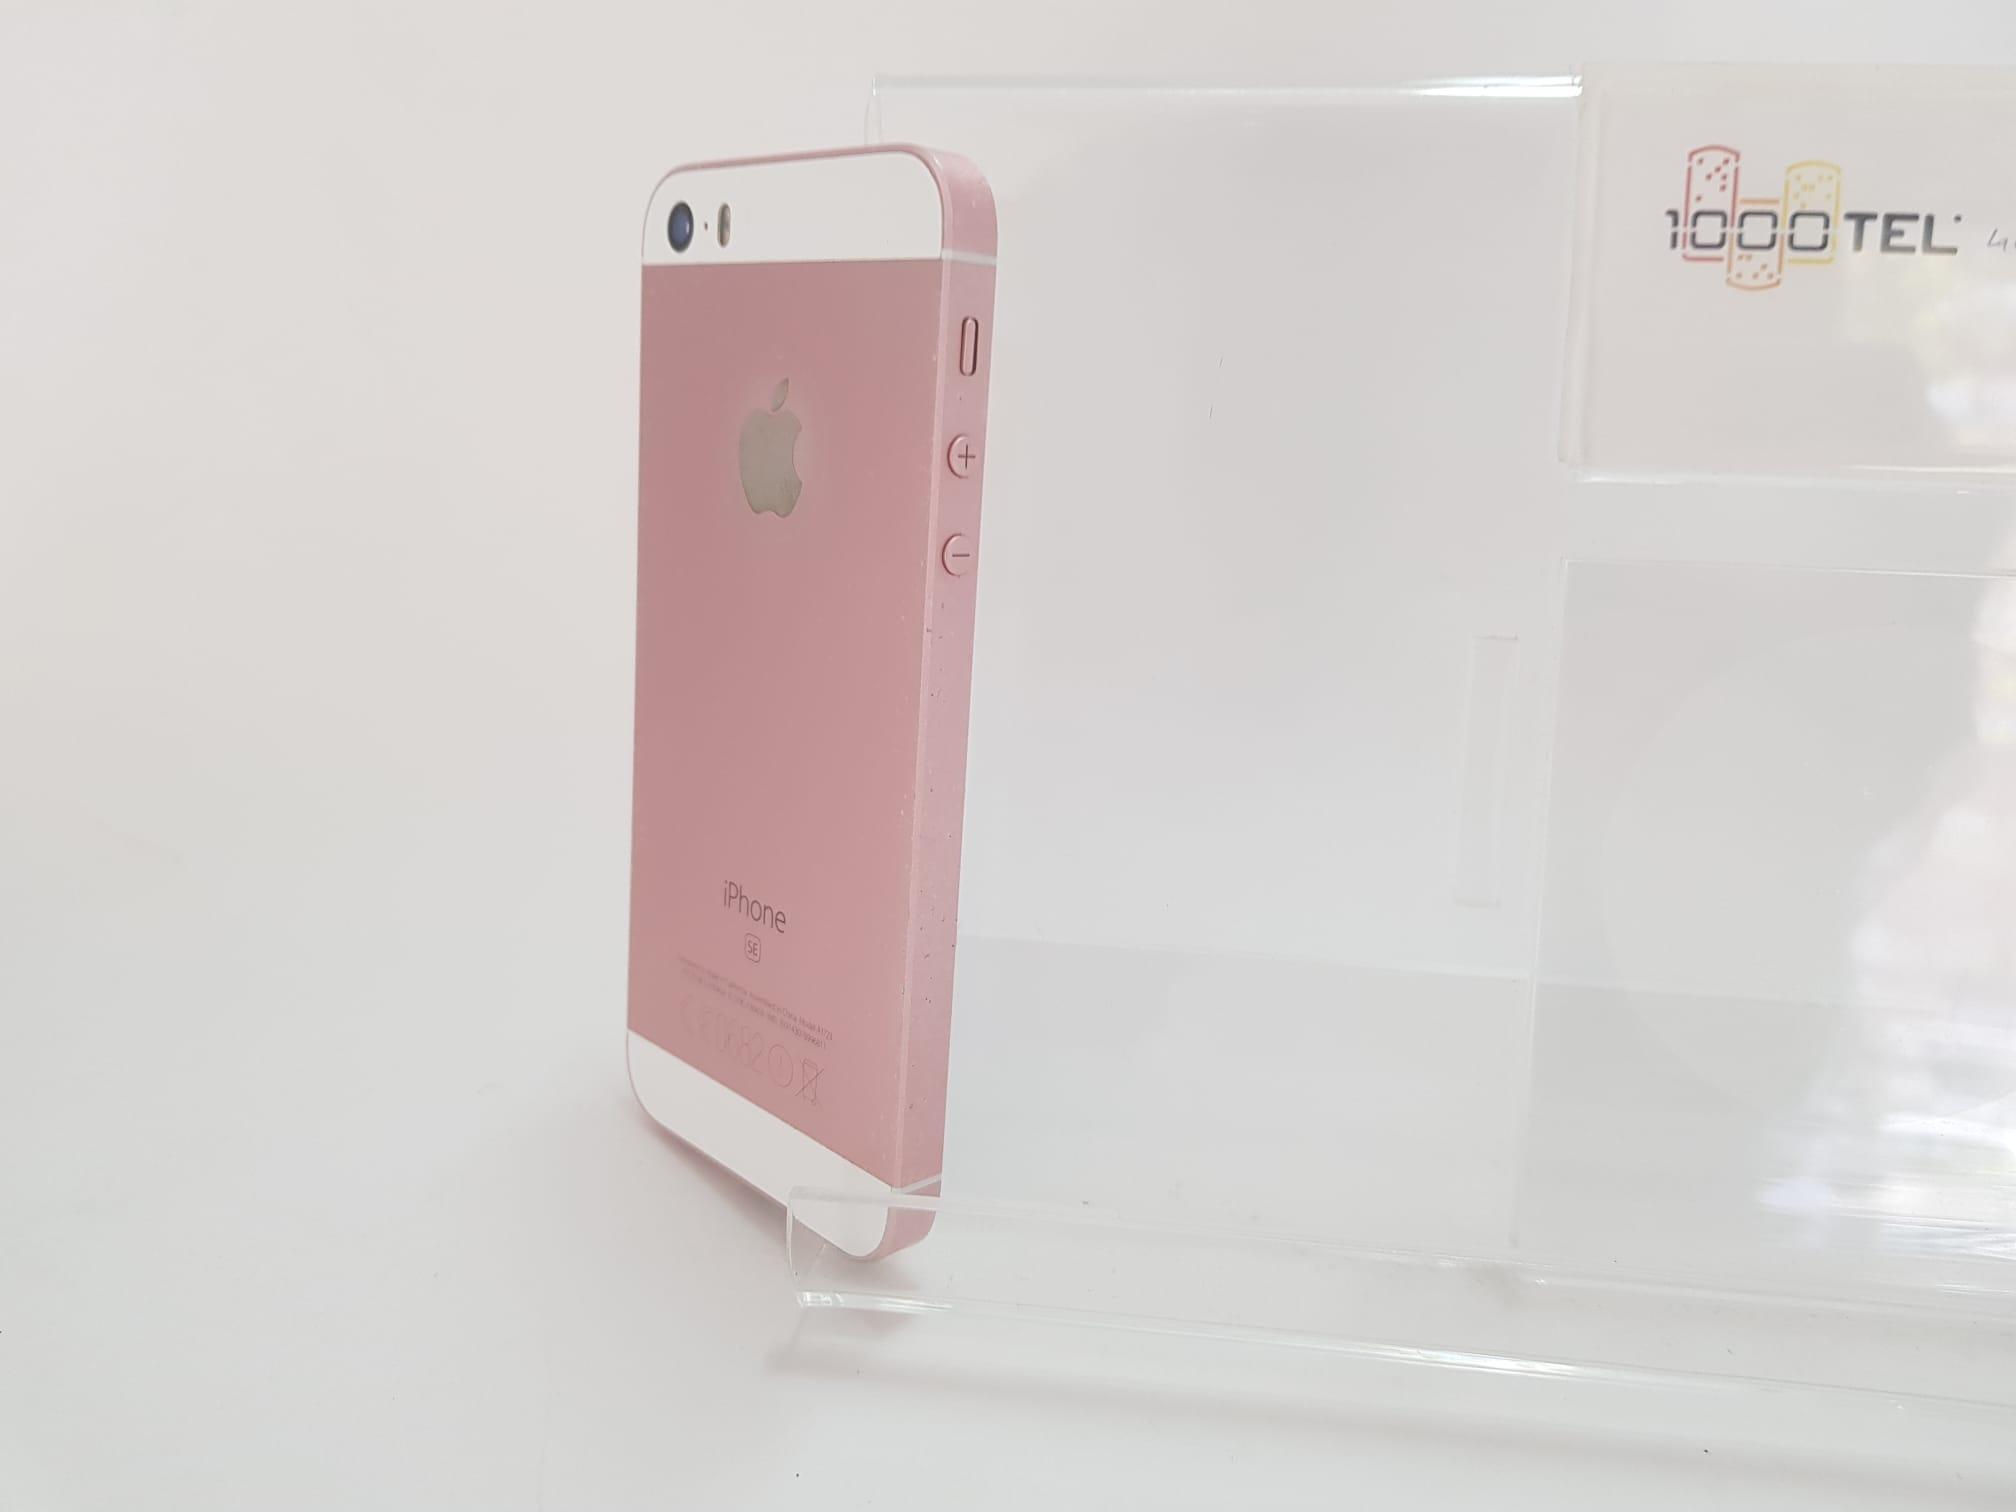 Iphone SE 64GB Rosa #5